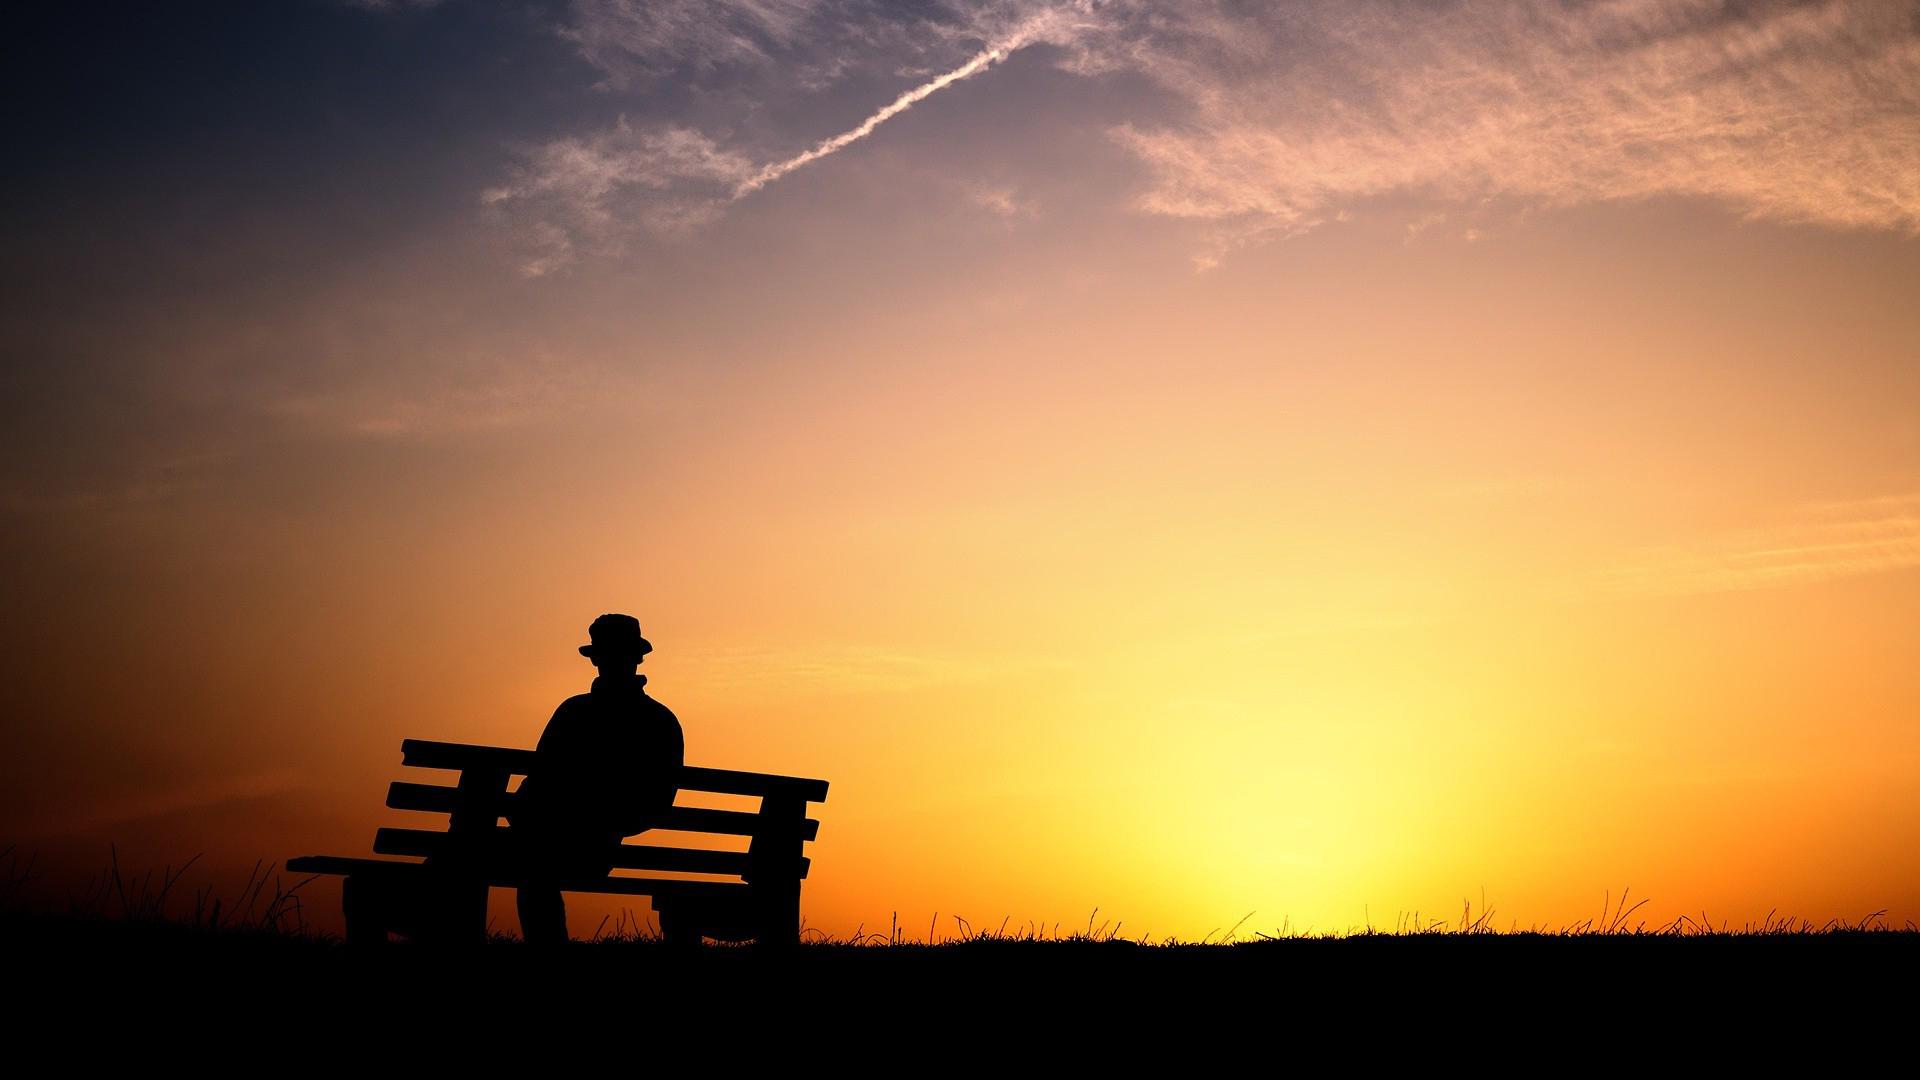 Hình nền buồn thương ngồi đó một mình trong ánh chiều tà